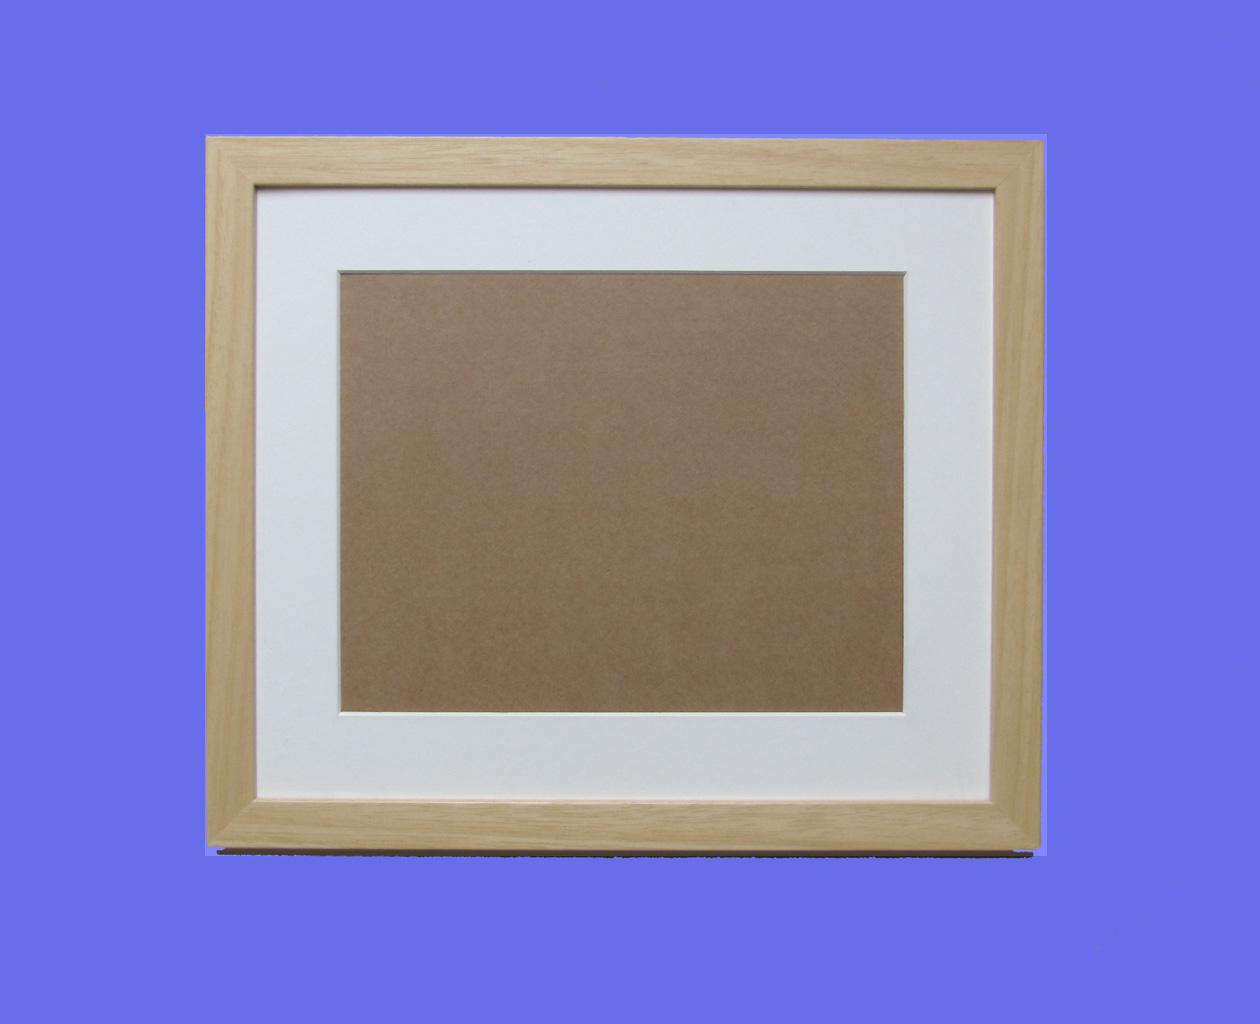 derbyshire printsjpg - Natural Wood Frames